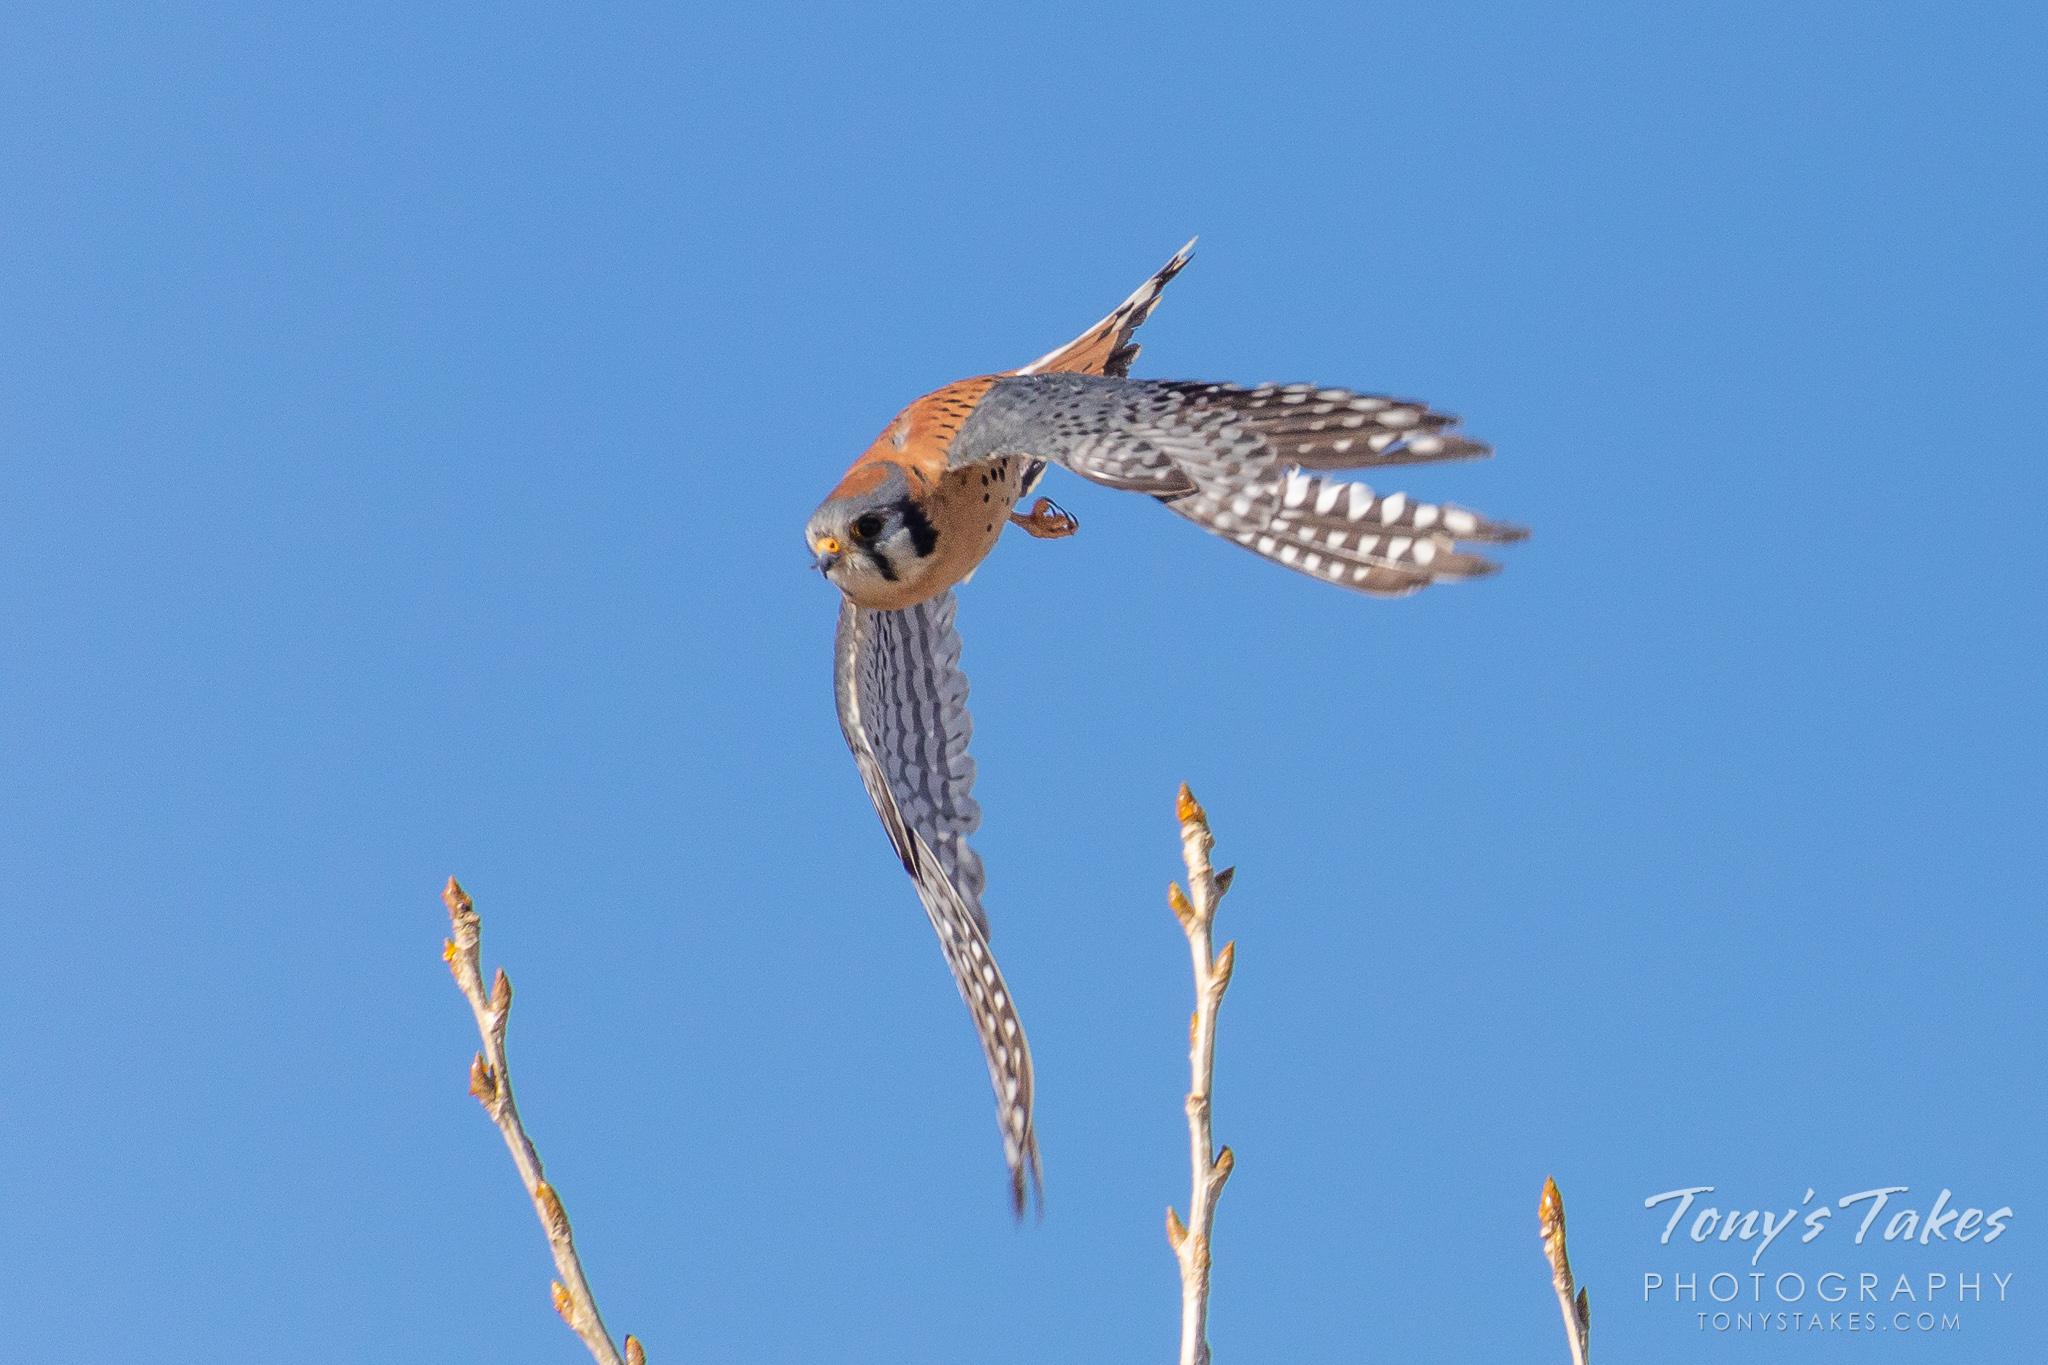 American kestrel takes to the skies